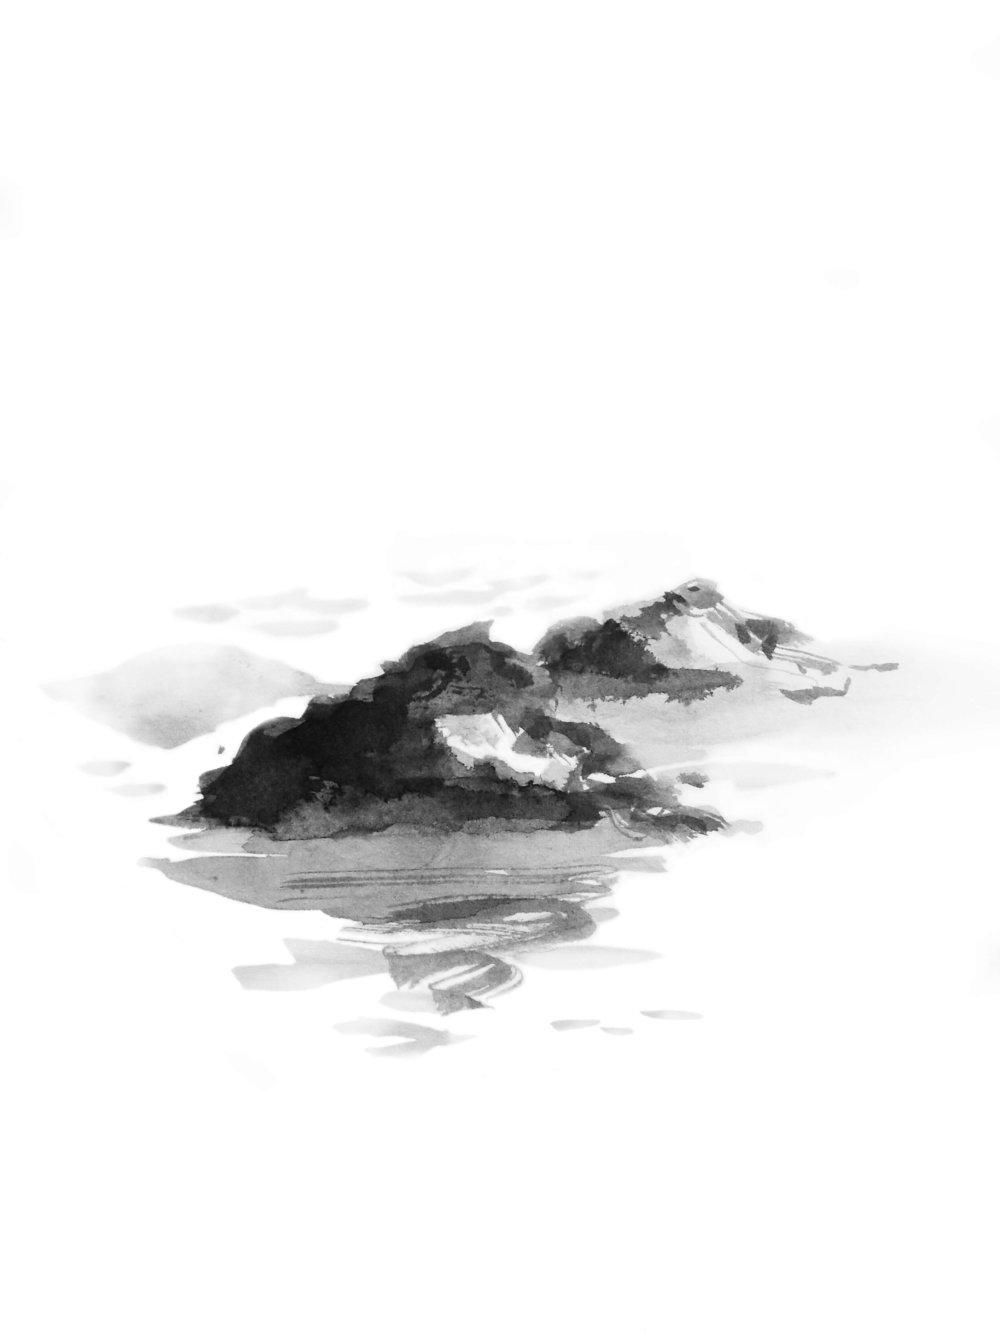 0 - Adrift, floating.jpg